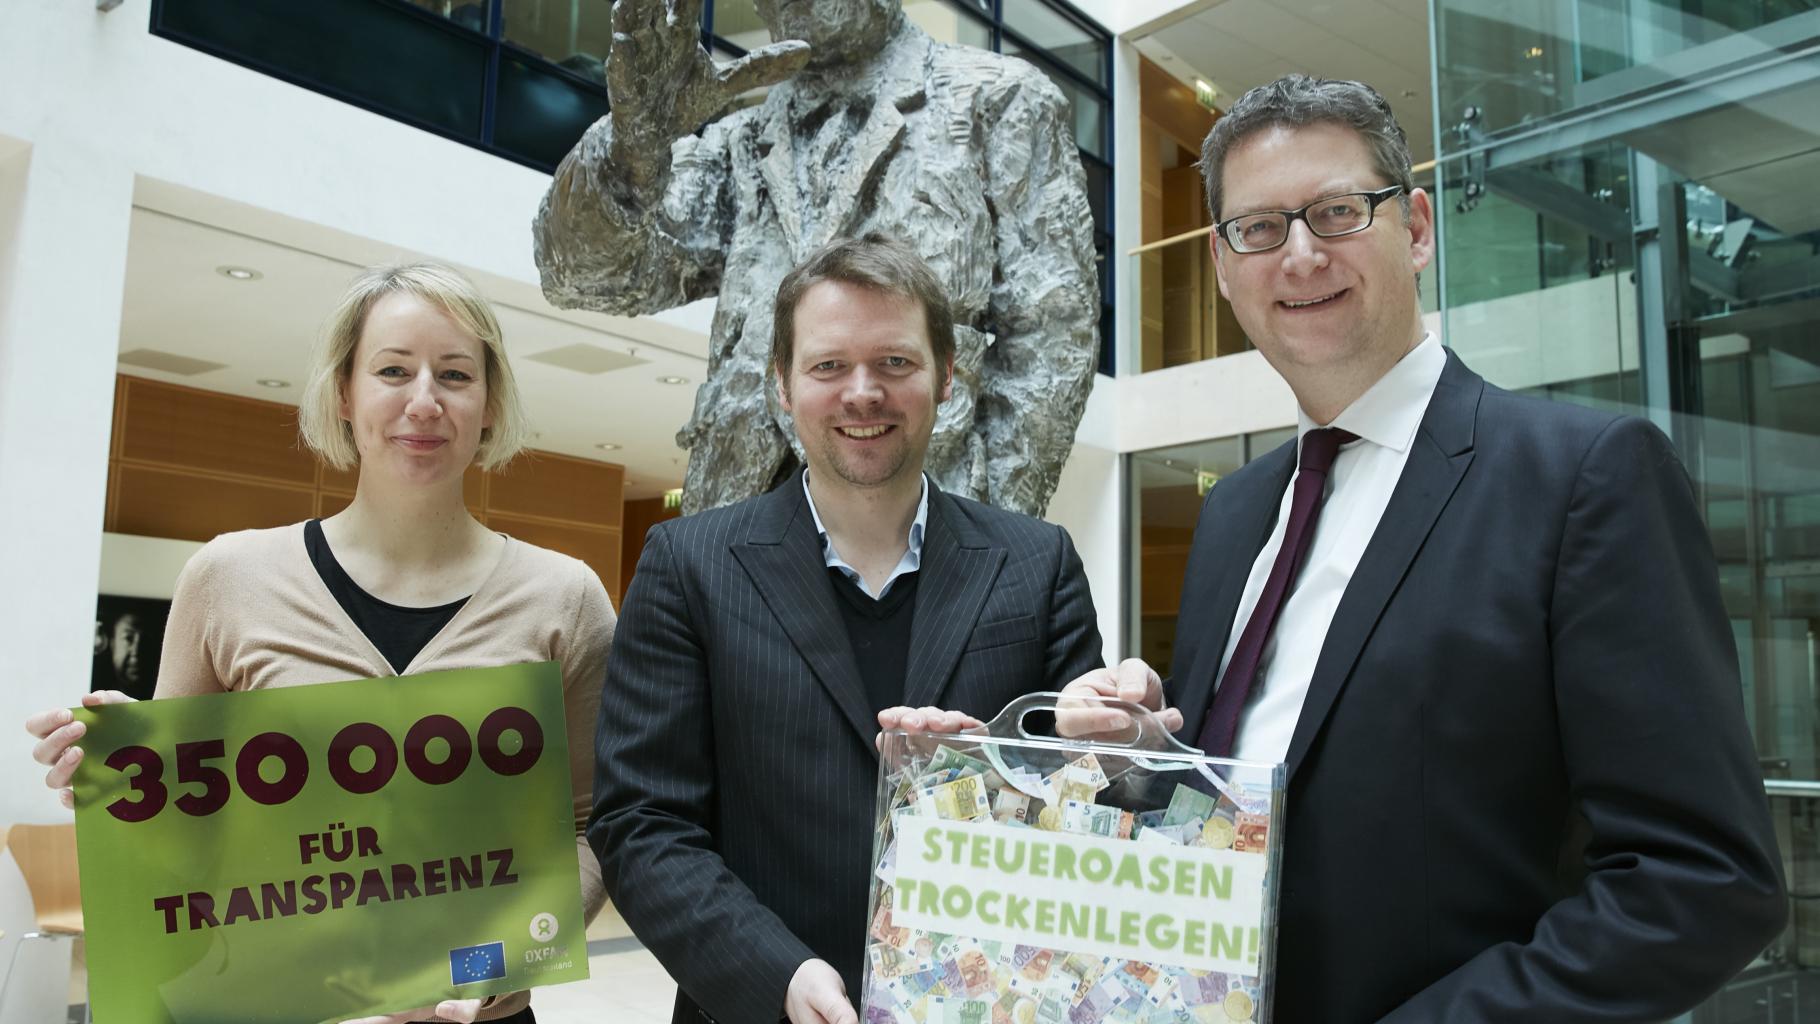 Charlotte Becker und Tobias Hauschild übergeben 350.000 Unterschriften an SPD